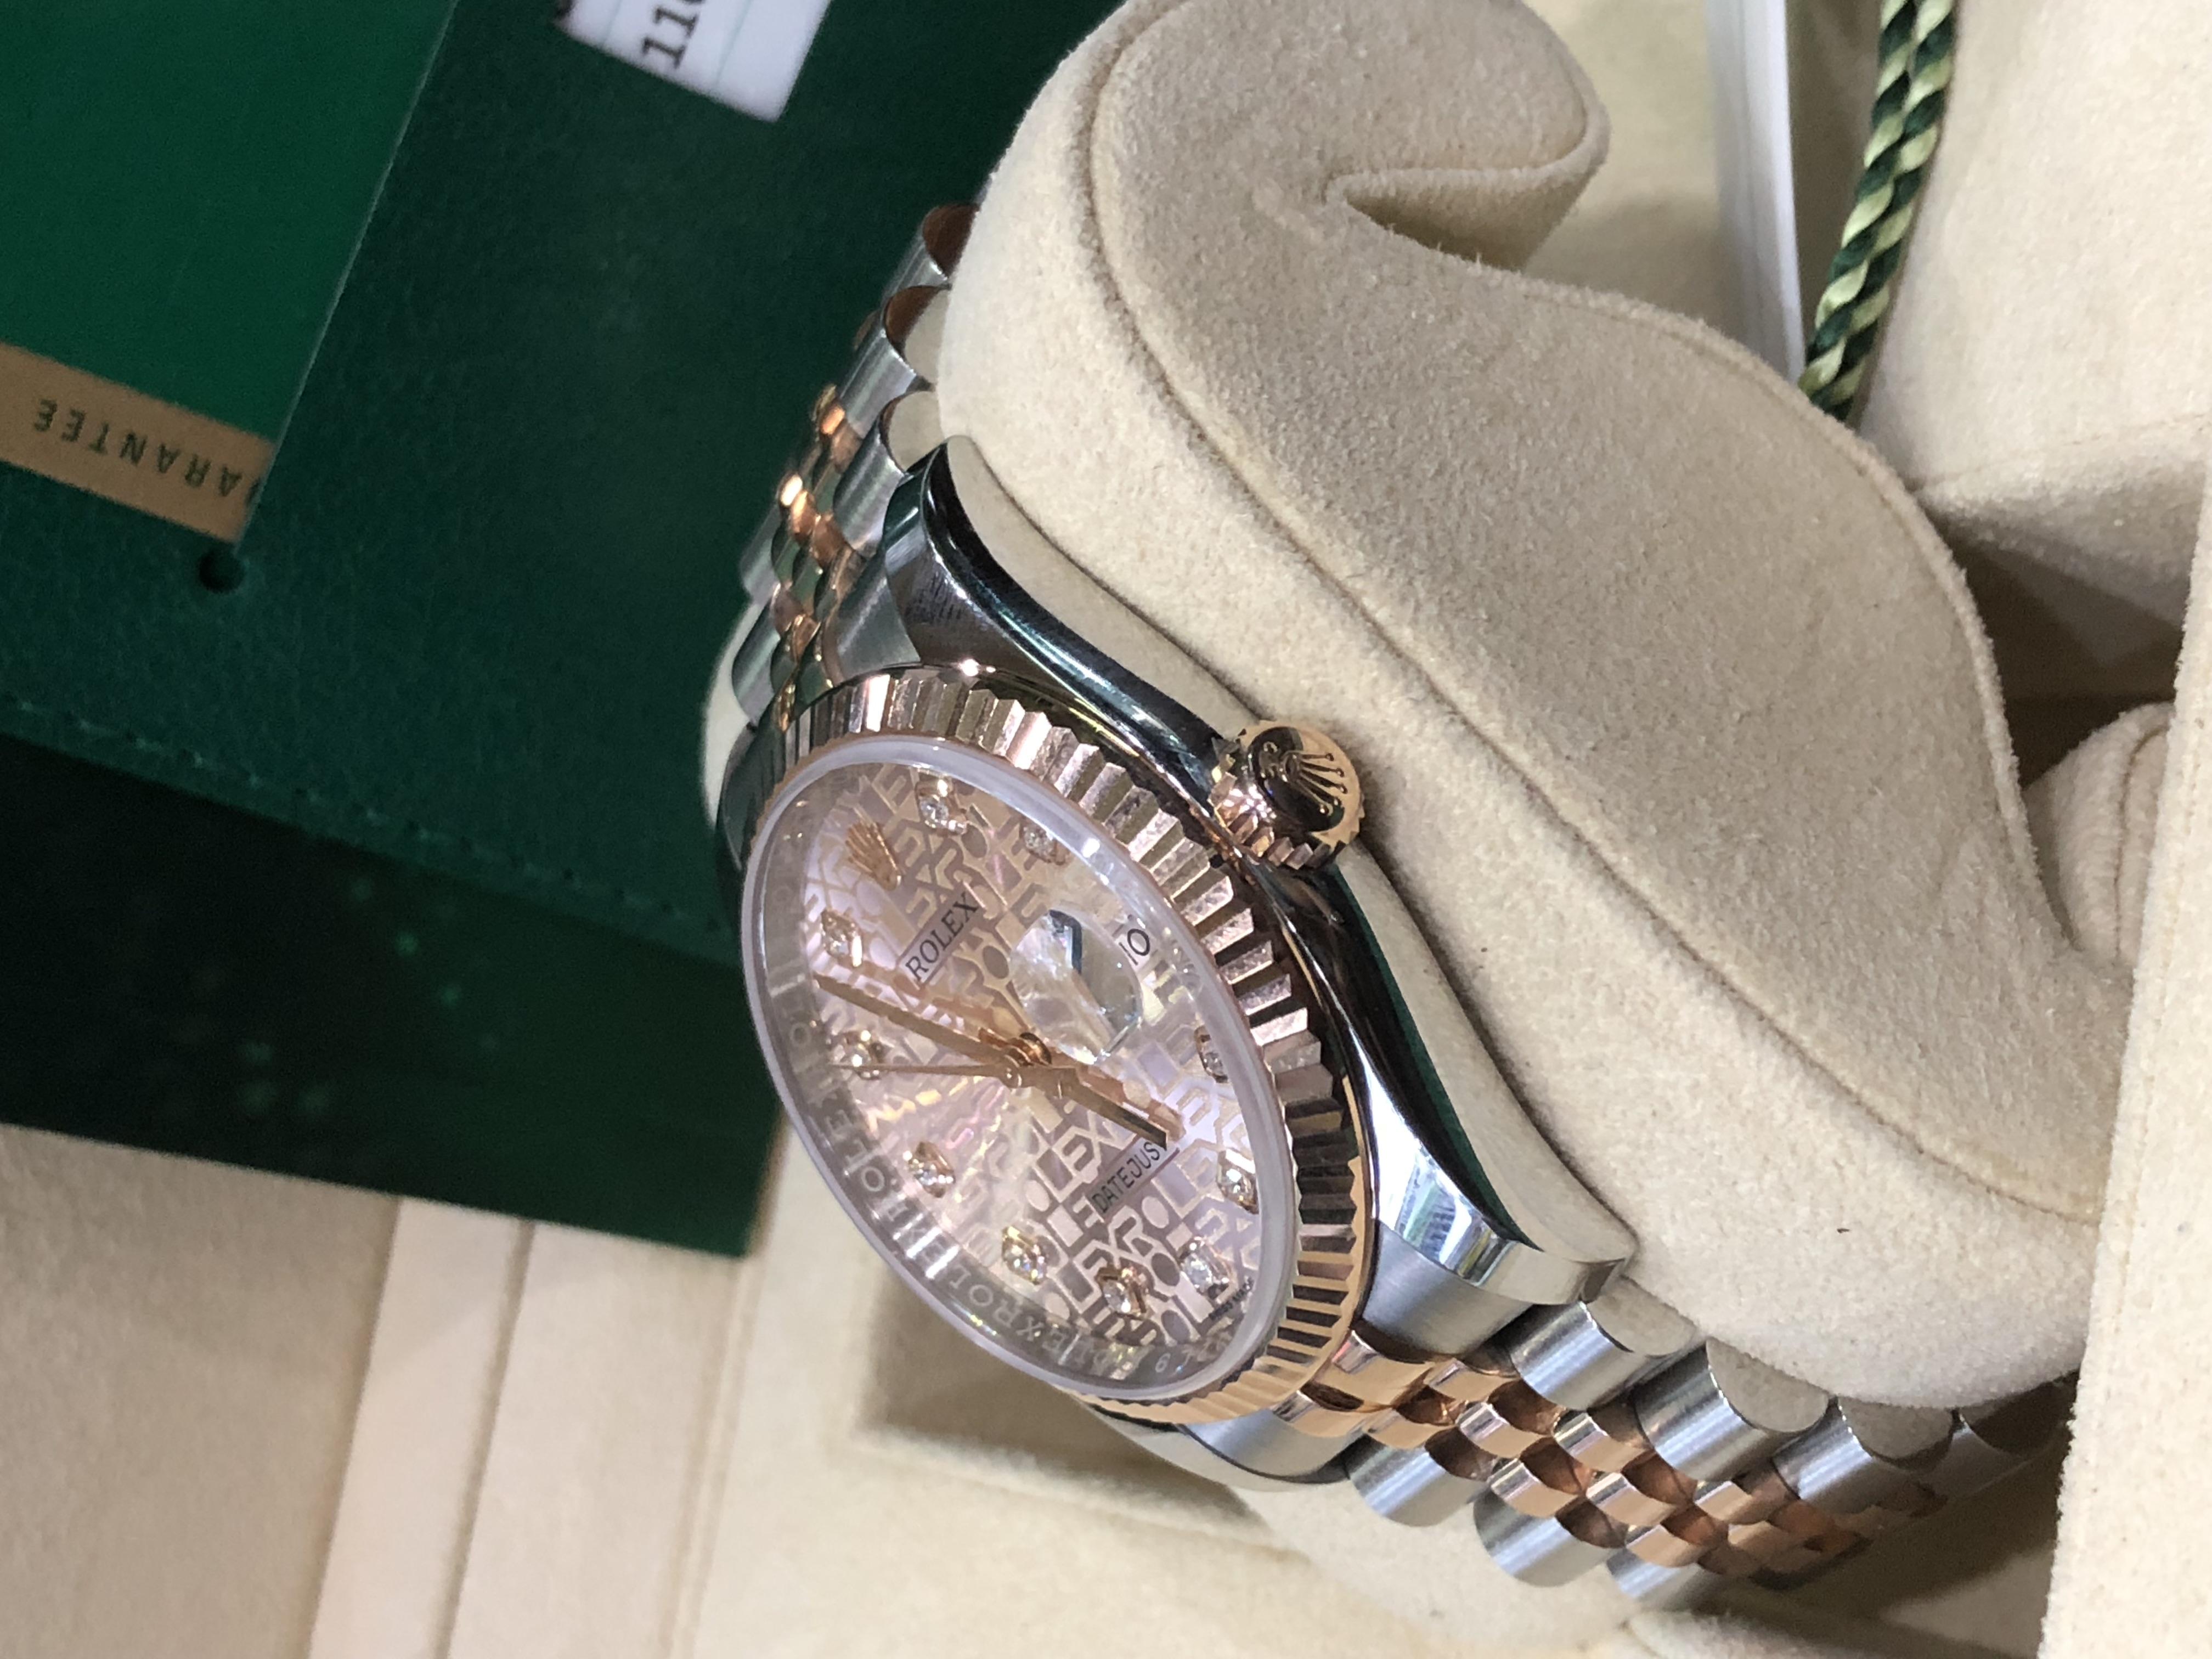 Rolex Datejust Ref.116231 mặt vi tính đời 2017